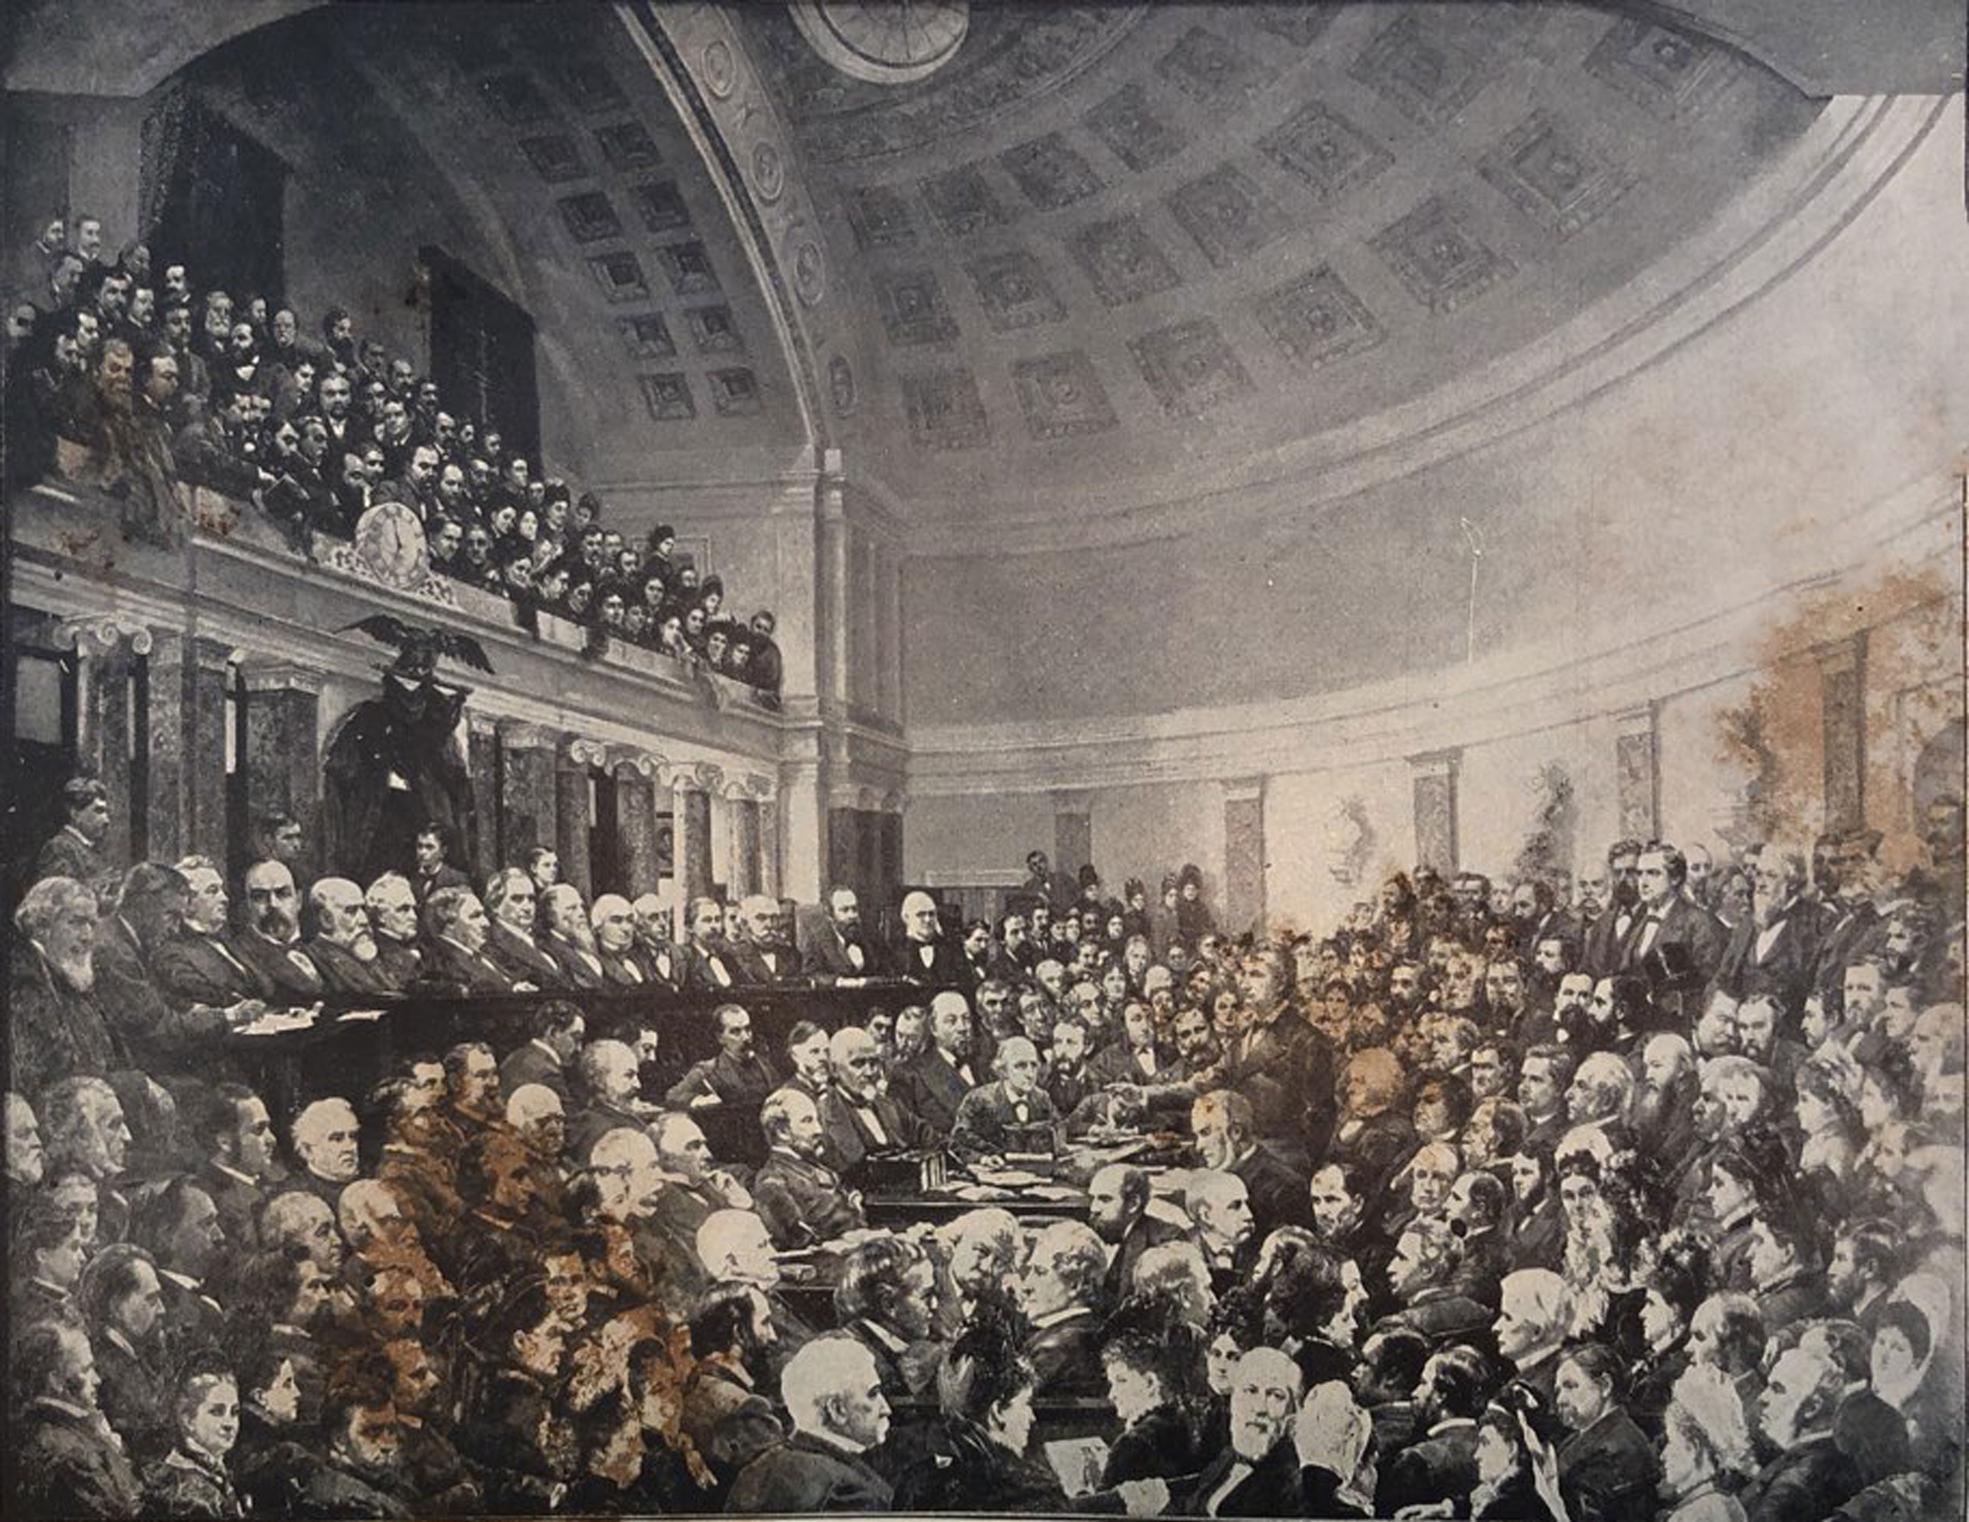 La elección de la comisión electoral del presidente Rutherford B. Hayes en 1876.